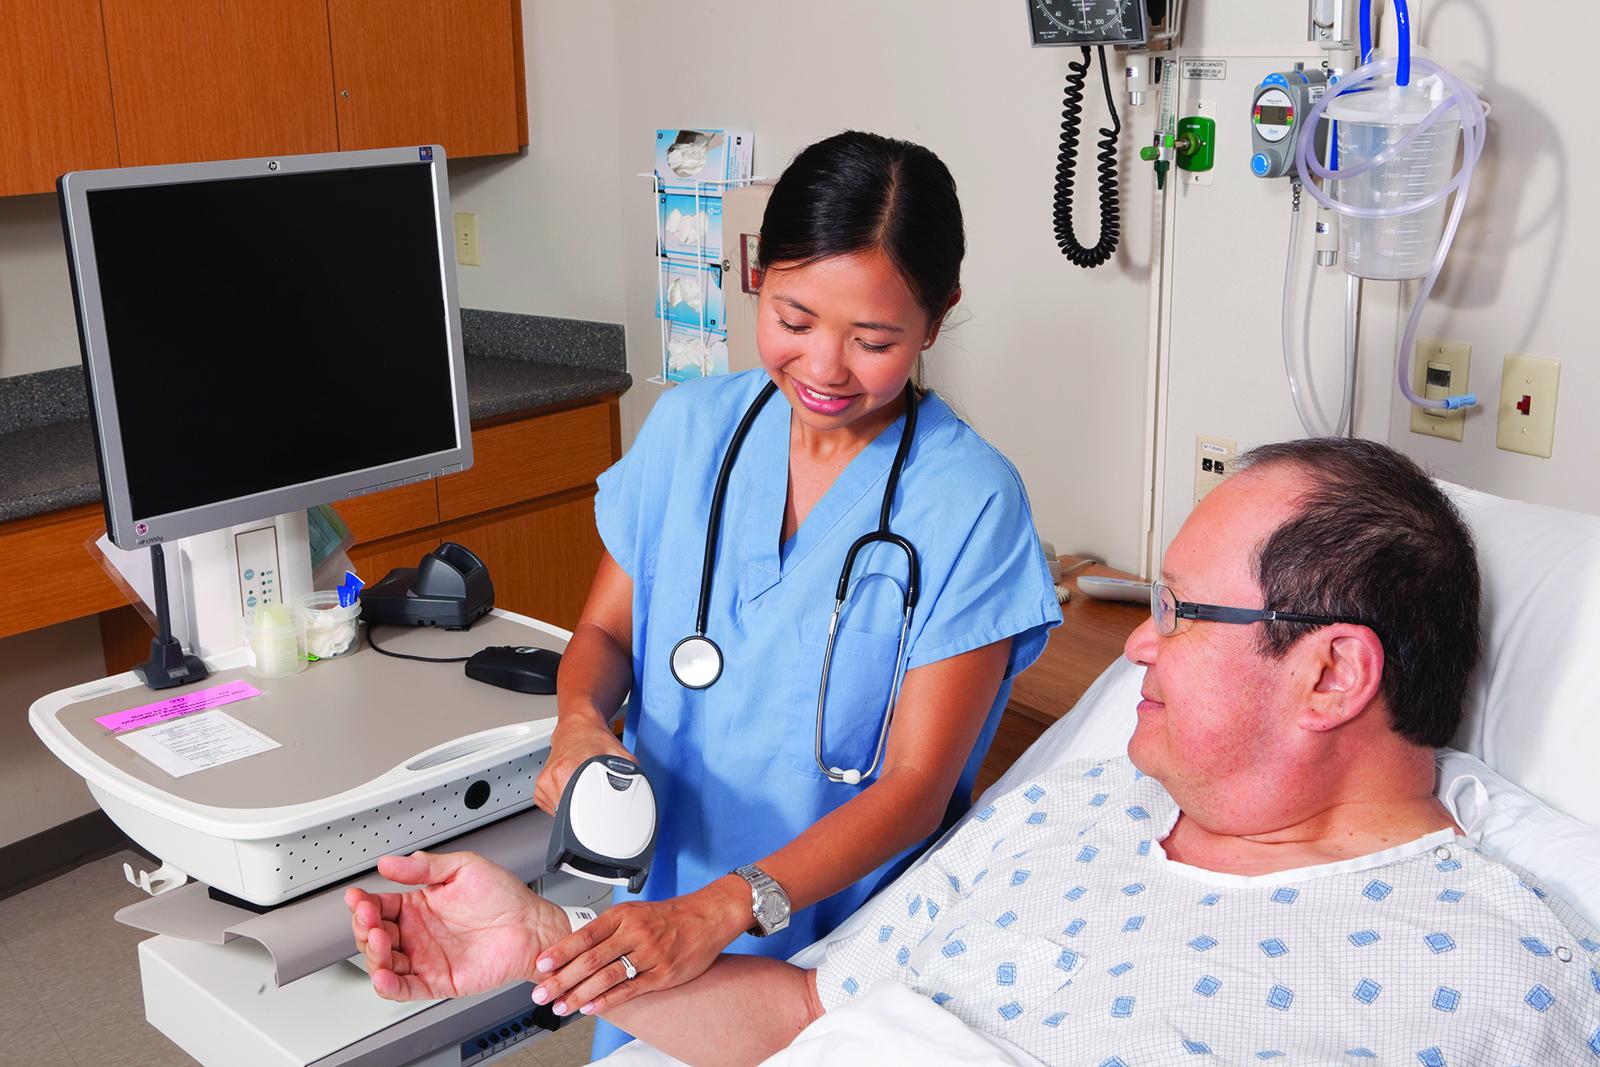 Capacity Management paper - Nurse and patient